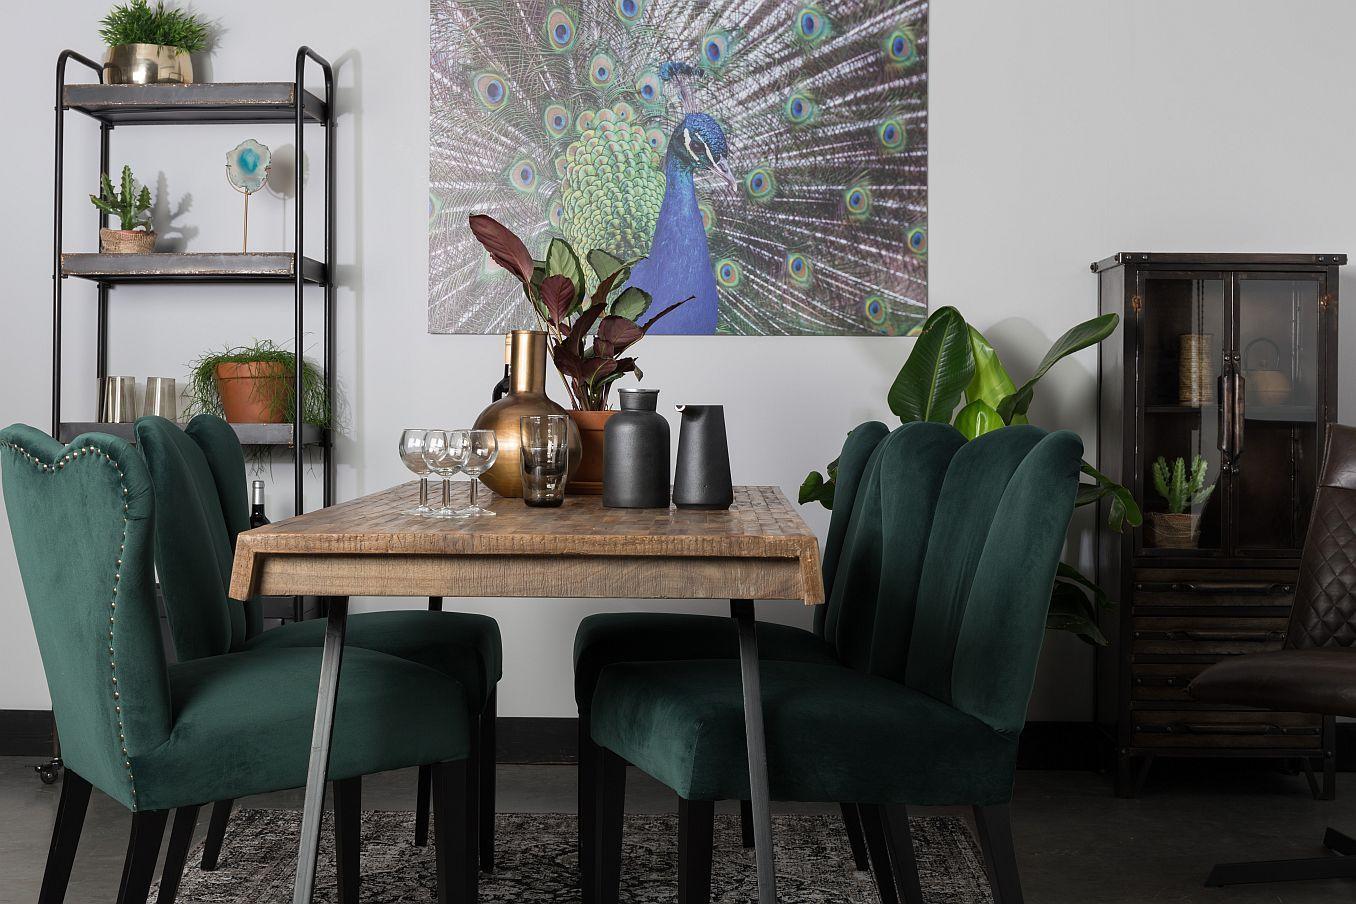 Fluwelen Stoel Groen : Deze groene fluwelen eetkamerstoelen zorgen voor een luxe